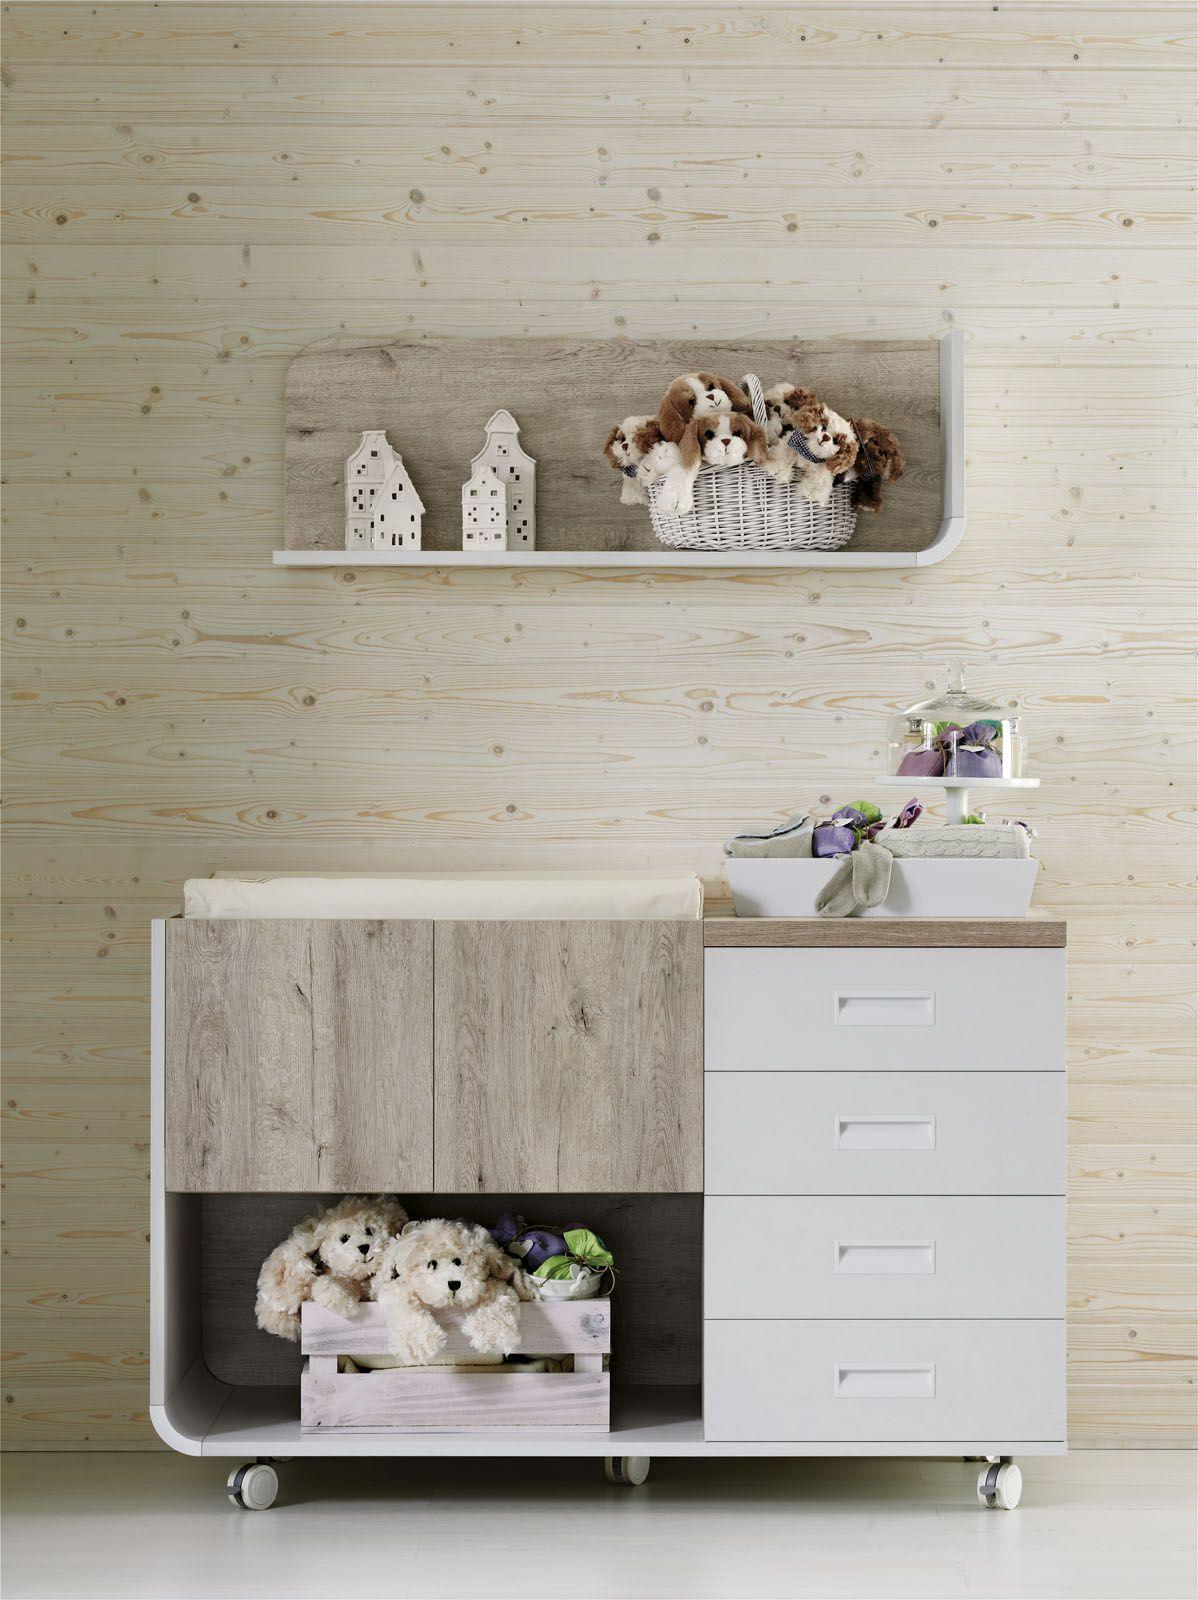 Habitaci n beb en colors neutros composici n con cuna armario sill n y c moda shop muebles - Sillones habitacion bebe ...